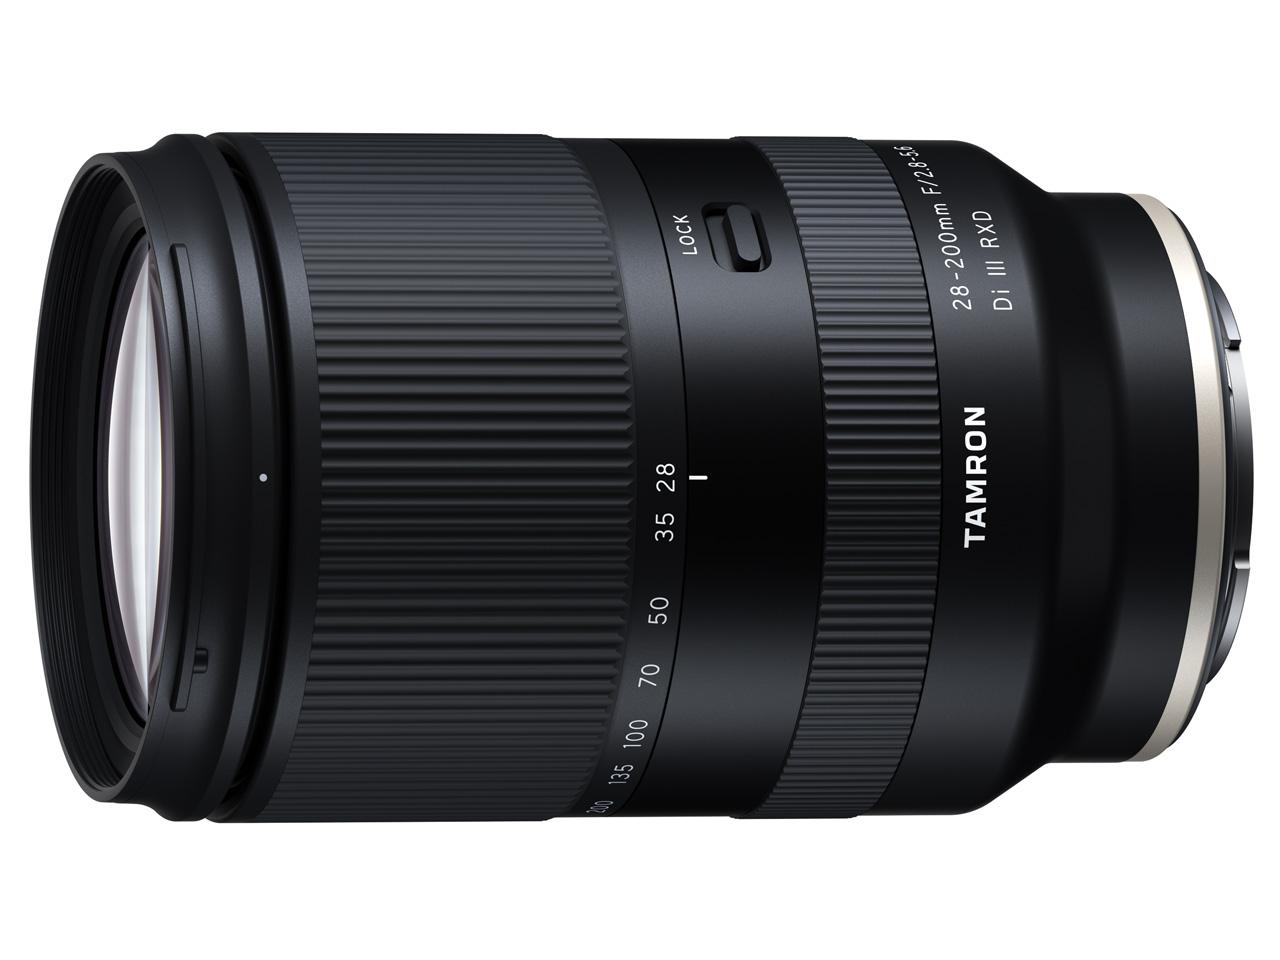 28-200mm F/2.8-5.6 Di III RXD (Model A071) の製品画像